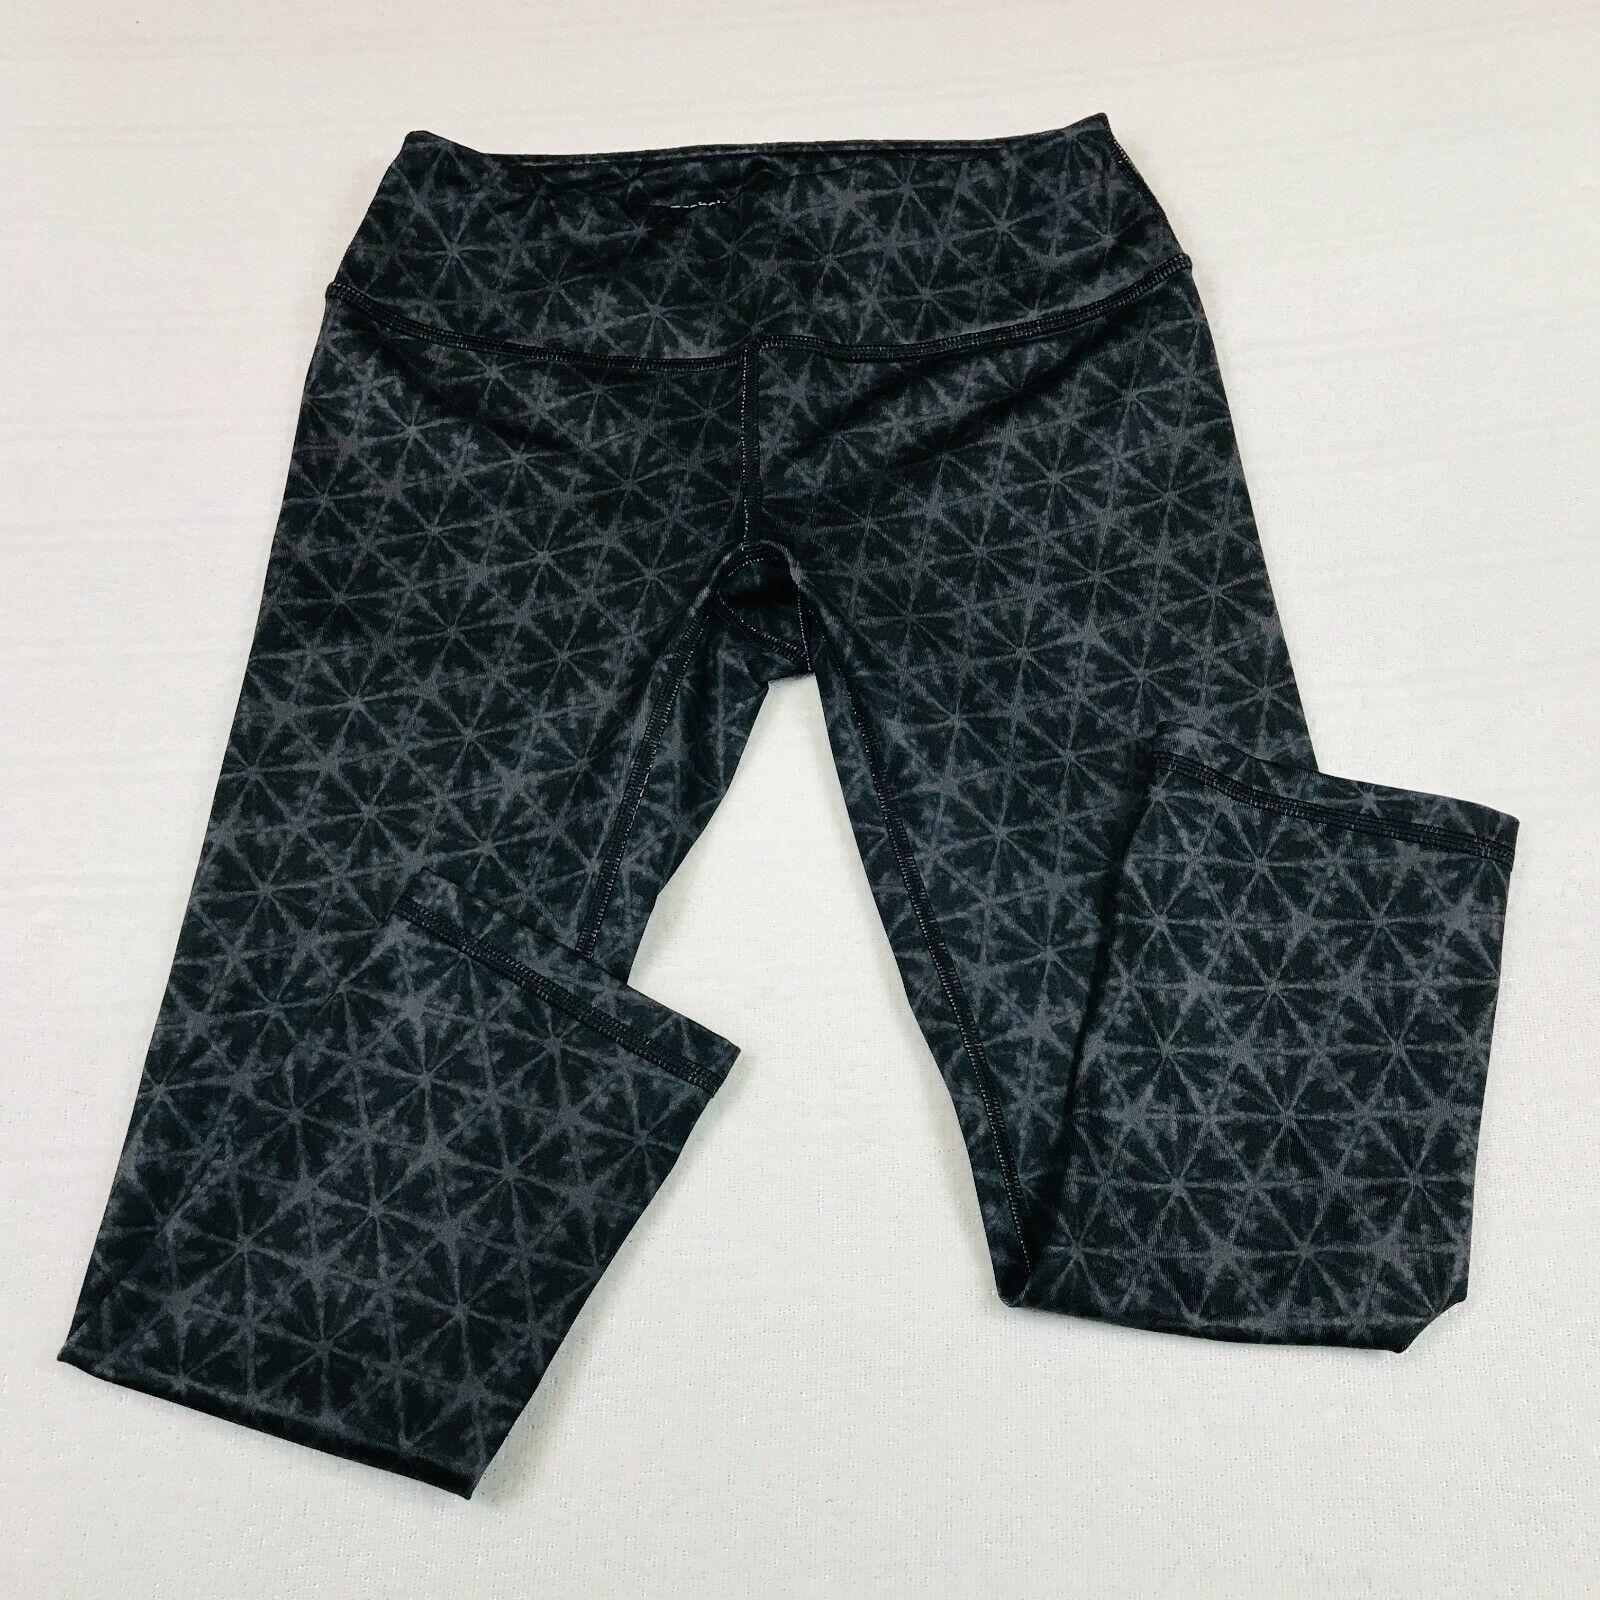 REEBOK Size XS Workout Yoga Pants Leggings Black/Gray Print